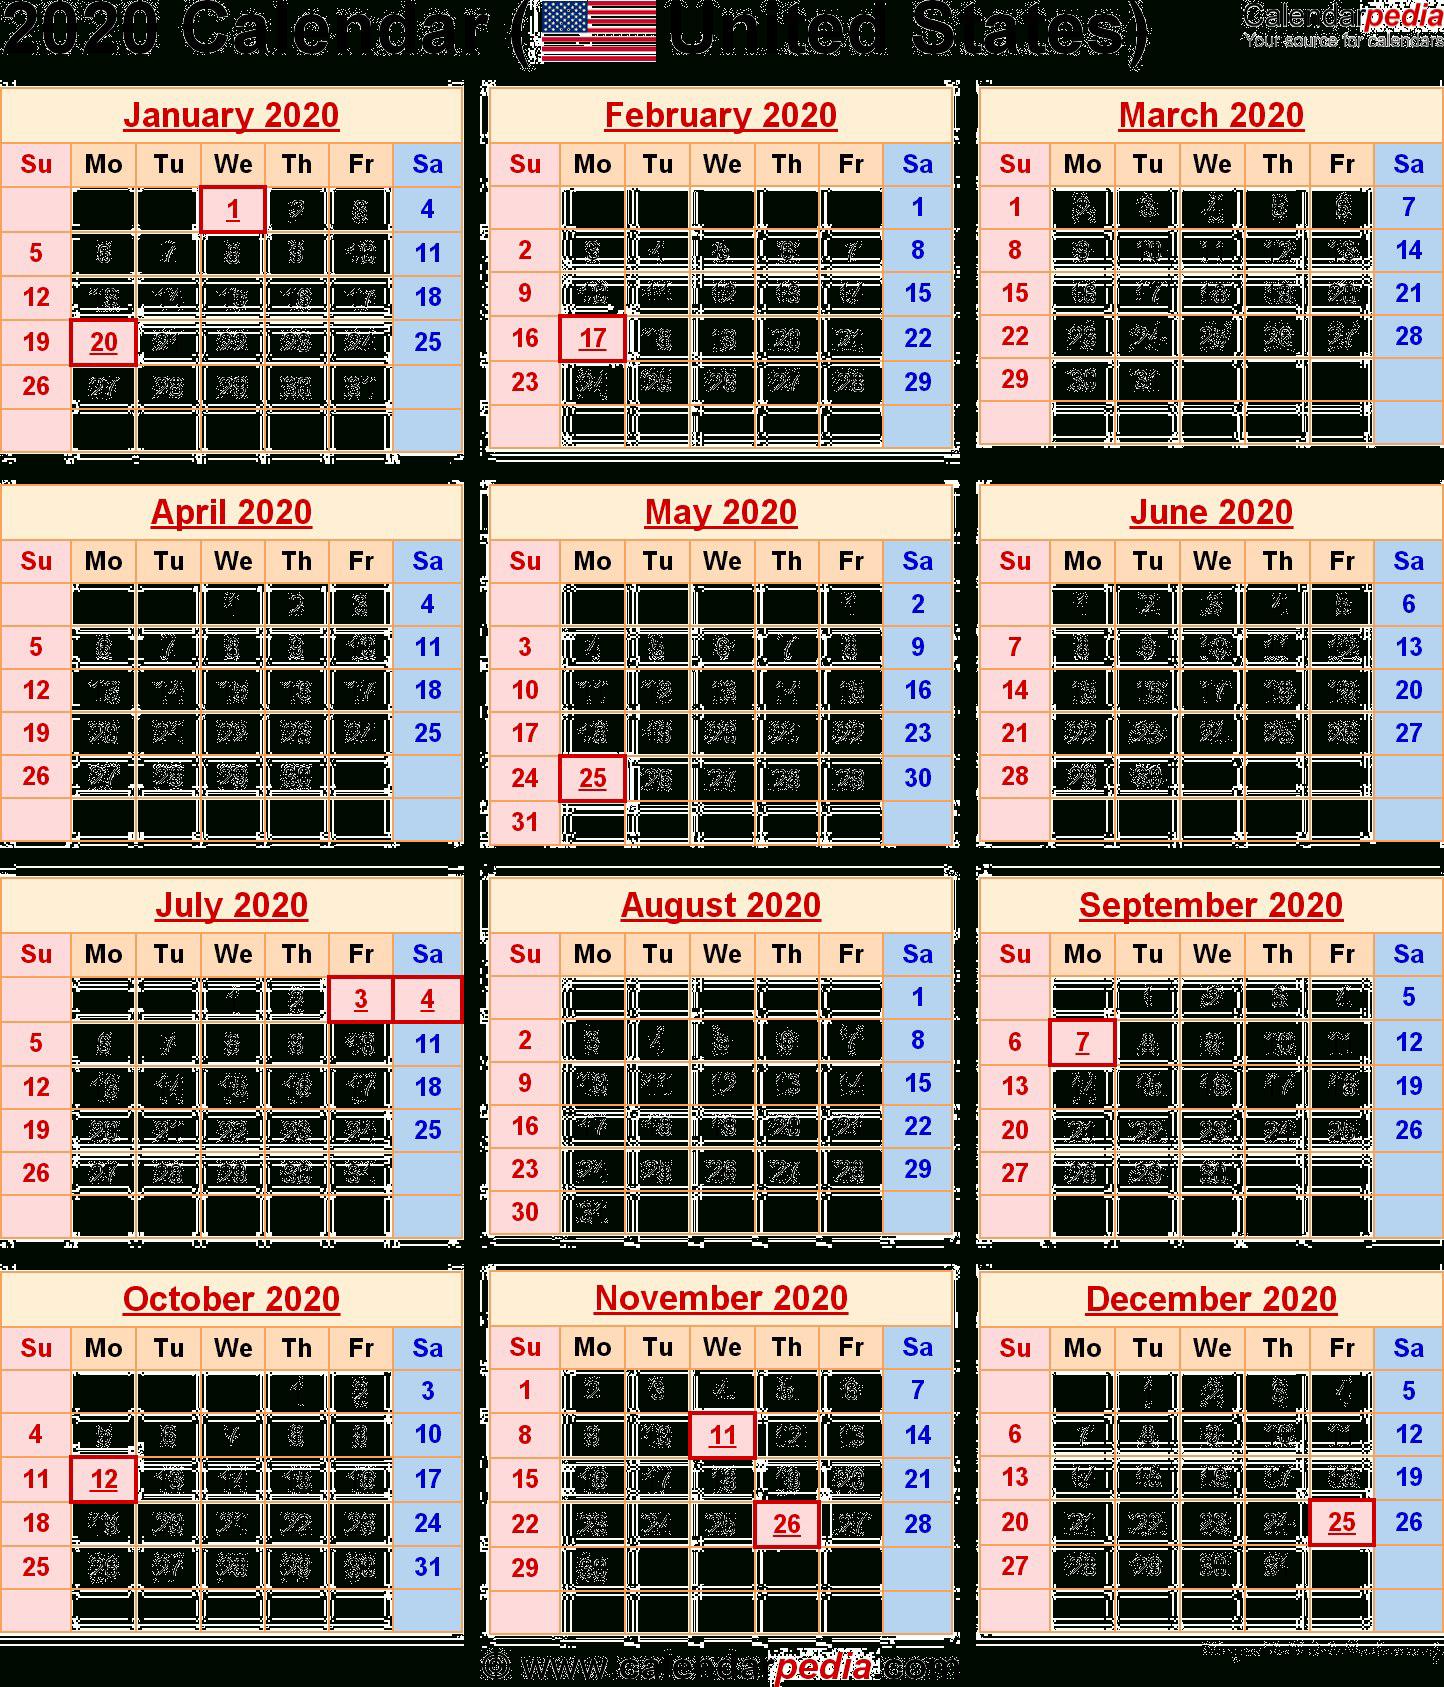 2020 Calendar Png Transparent Images | Png All regarding Calendar 2020 Bihar Sarkar